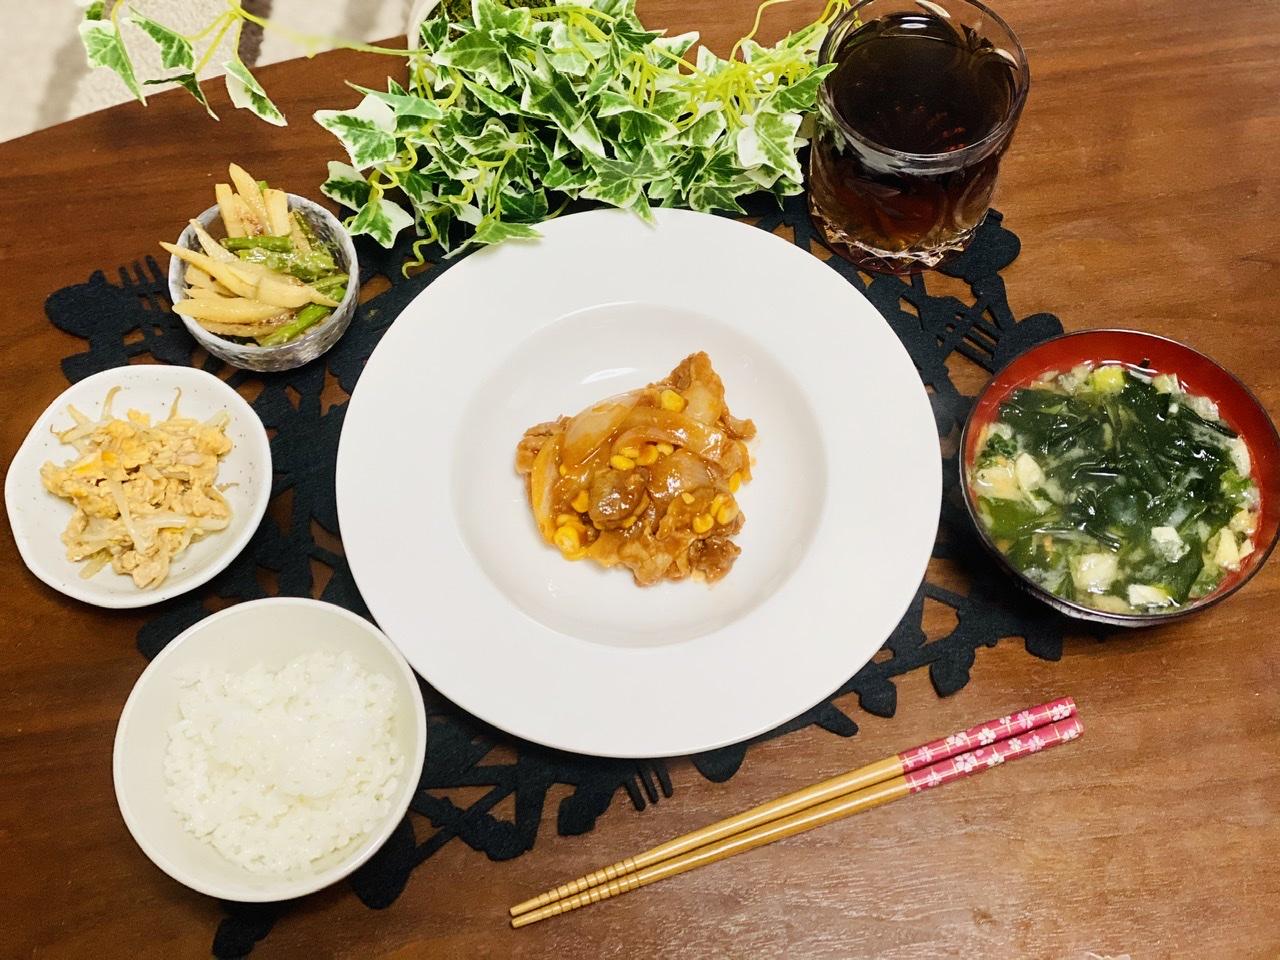 【今月のお家ごはん】アラサー女子の食卓!作り置きおかずでラク晩ご飯♡-Vol.13-_7